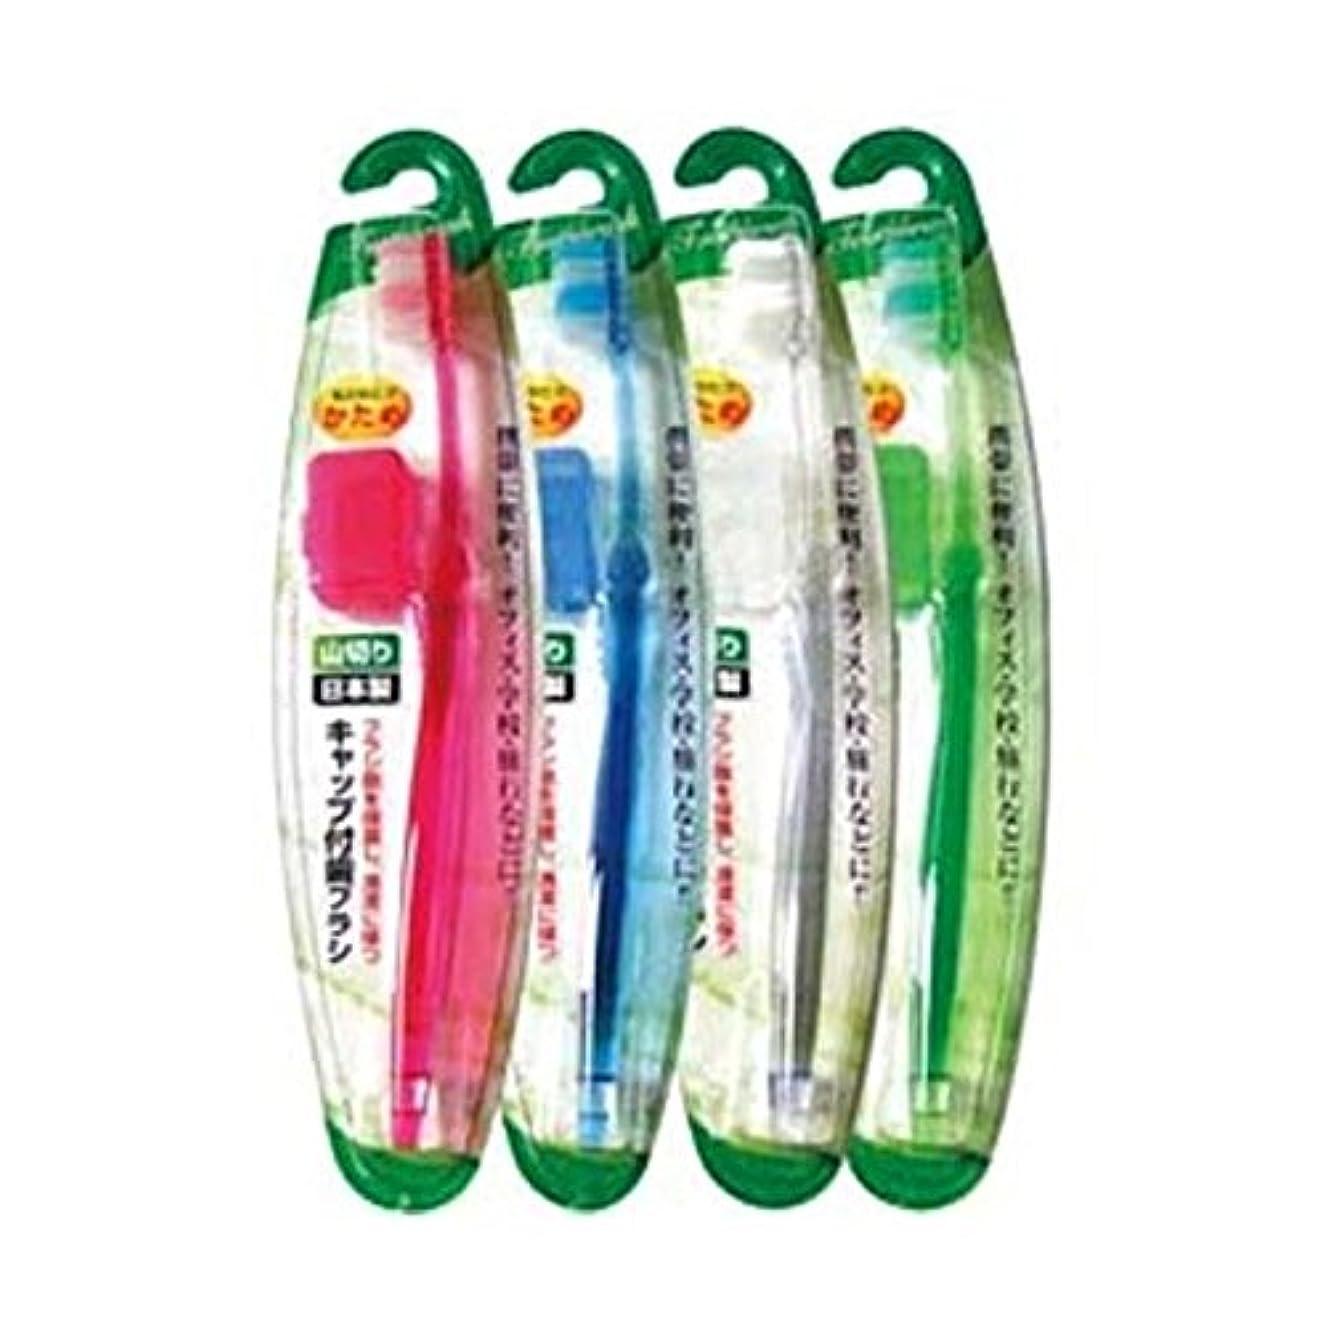 成功するあごひげフォーラム健康用品 キャップ付歯ブラシ山切りカット(かため)日本製 【12個セット】 41-210